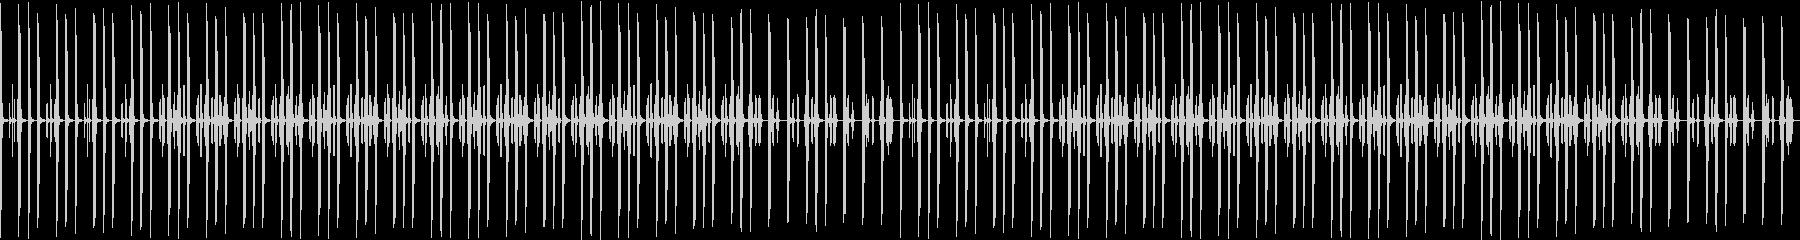 ほのぼの犬猫フルートBGM パターンDの未再生の波形